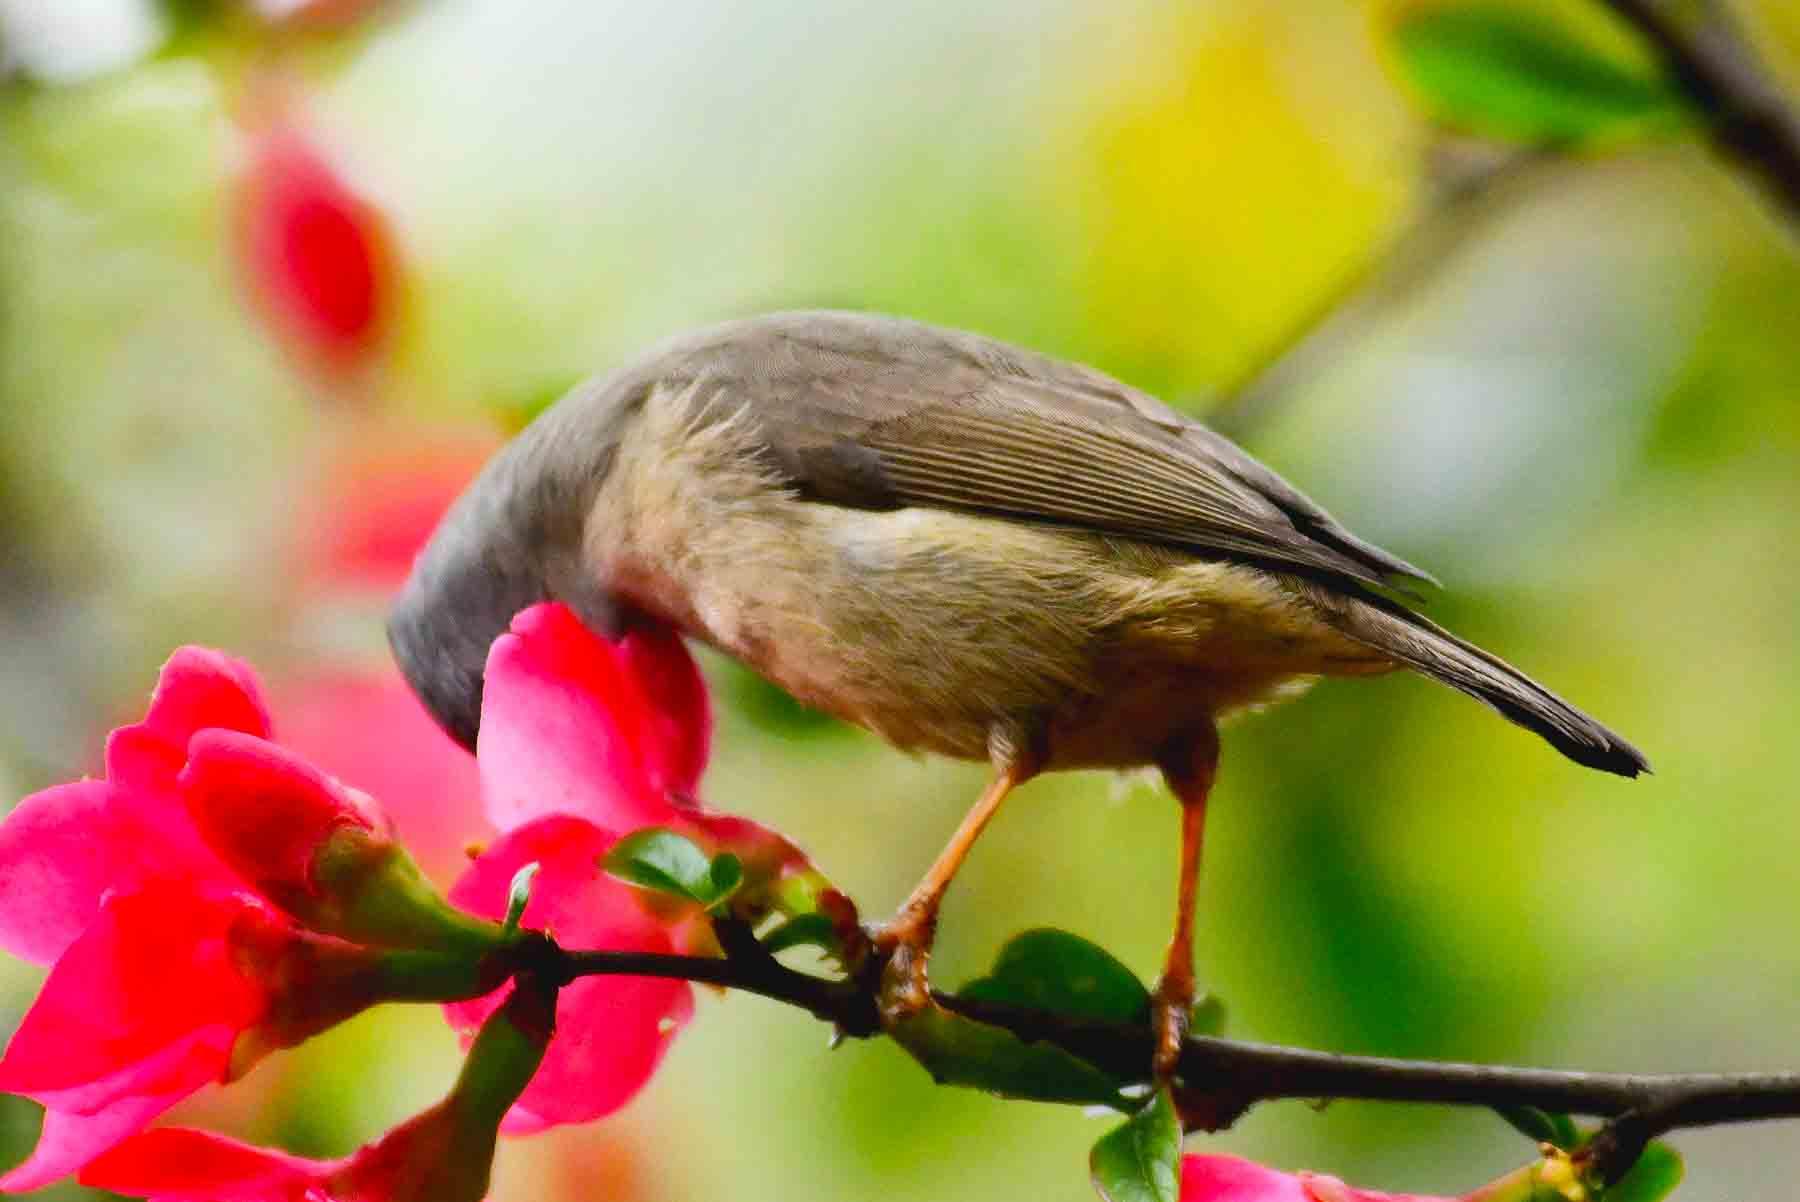 【鸟趣】花鸟图美